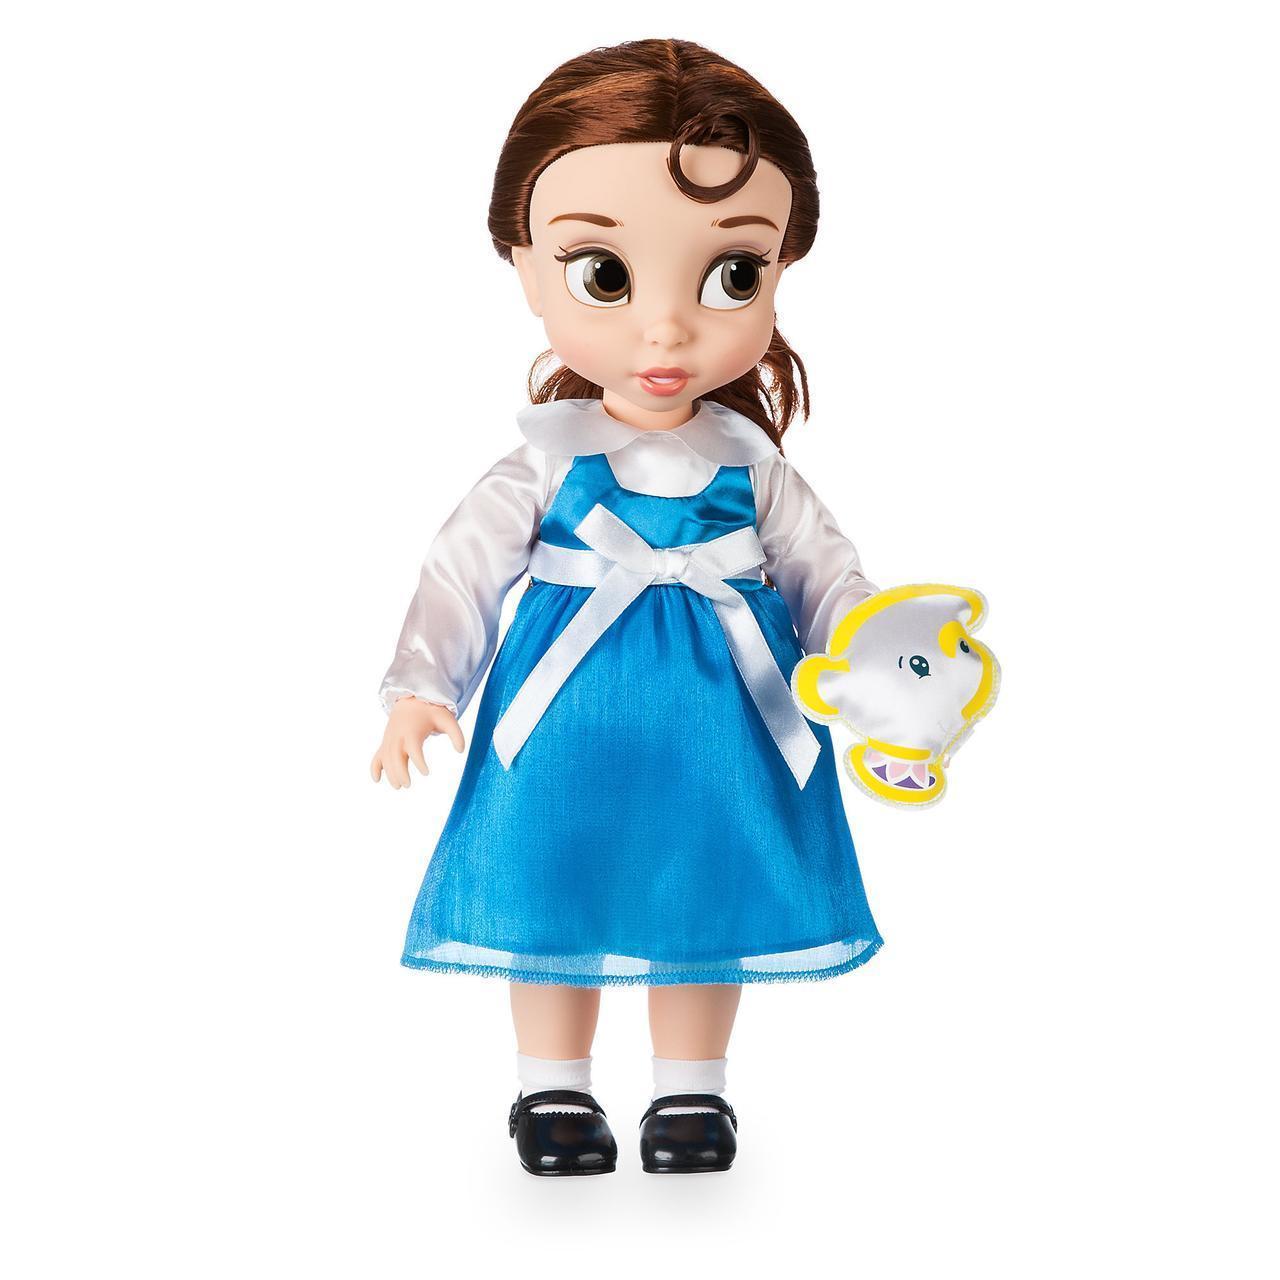 Белль кукла малышка аниматор ДИСНЕЙ / DISNEY